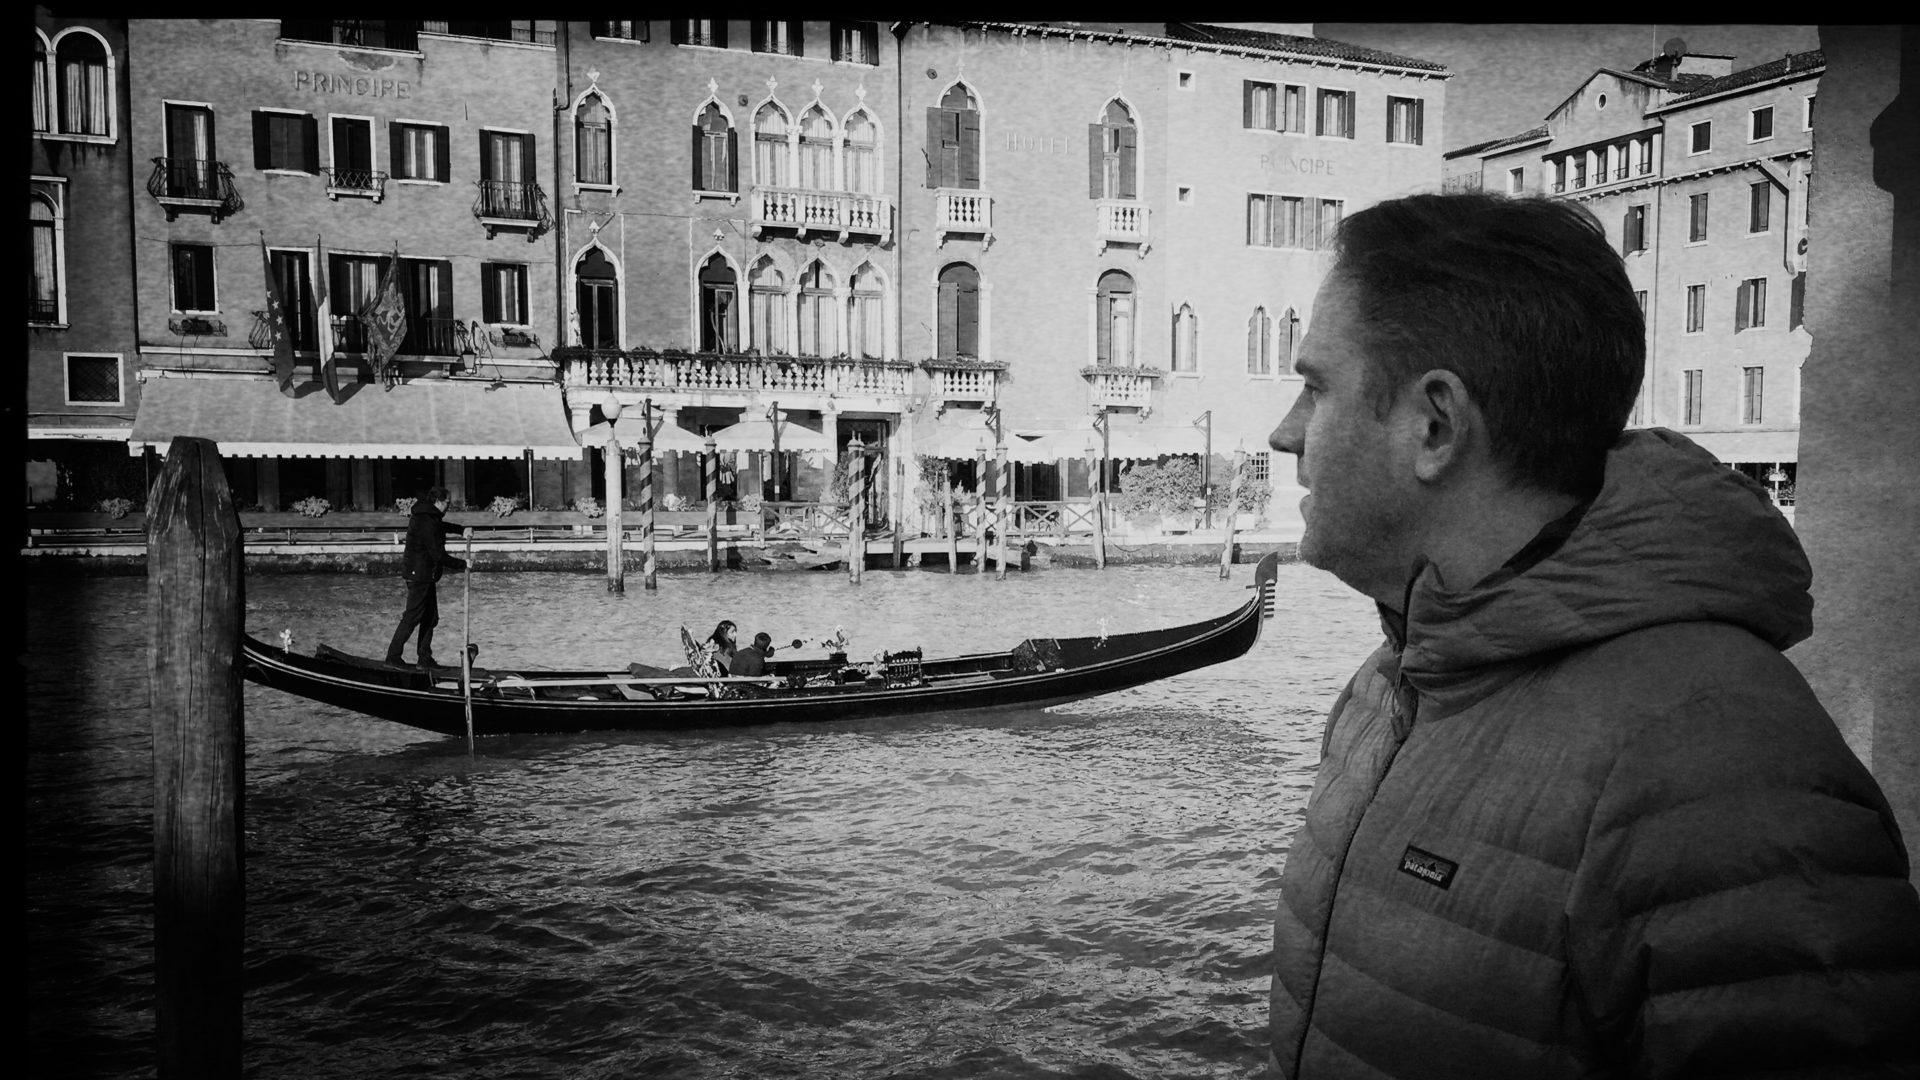 Mann schaut auf Gondel und Palazzo am Canale Grande in Venedig